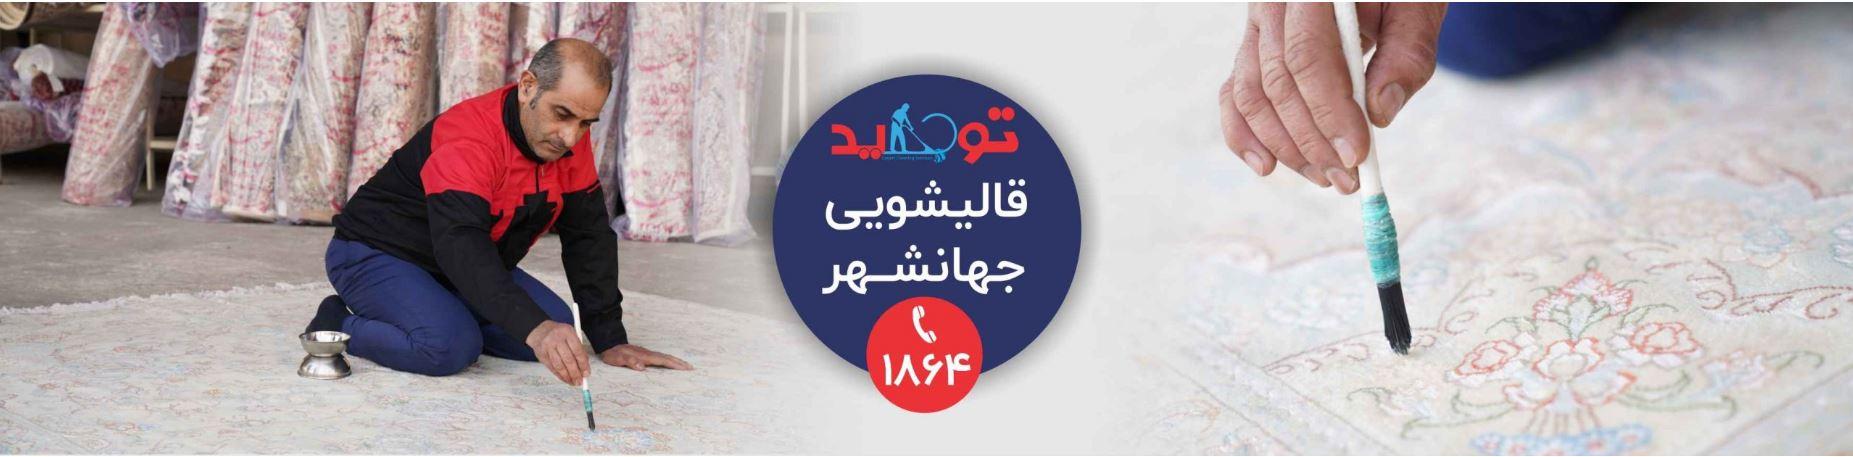 قالیشویی جهانشهر